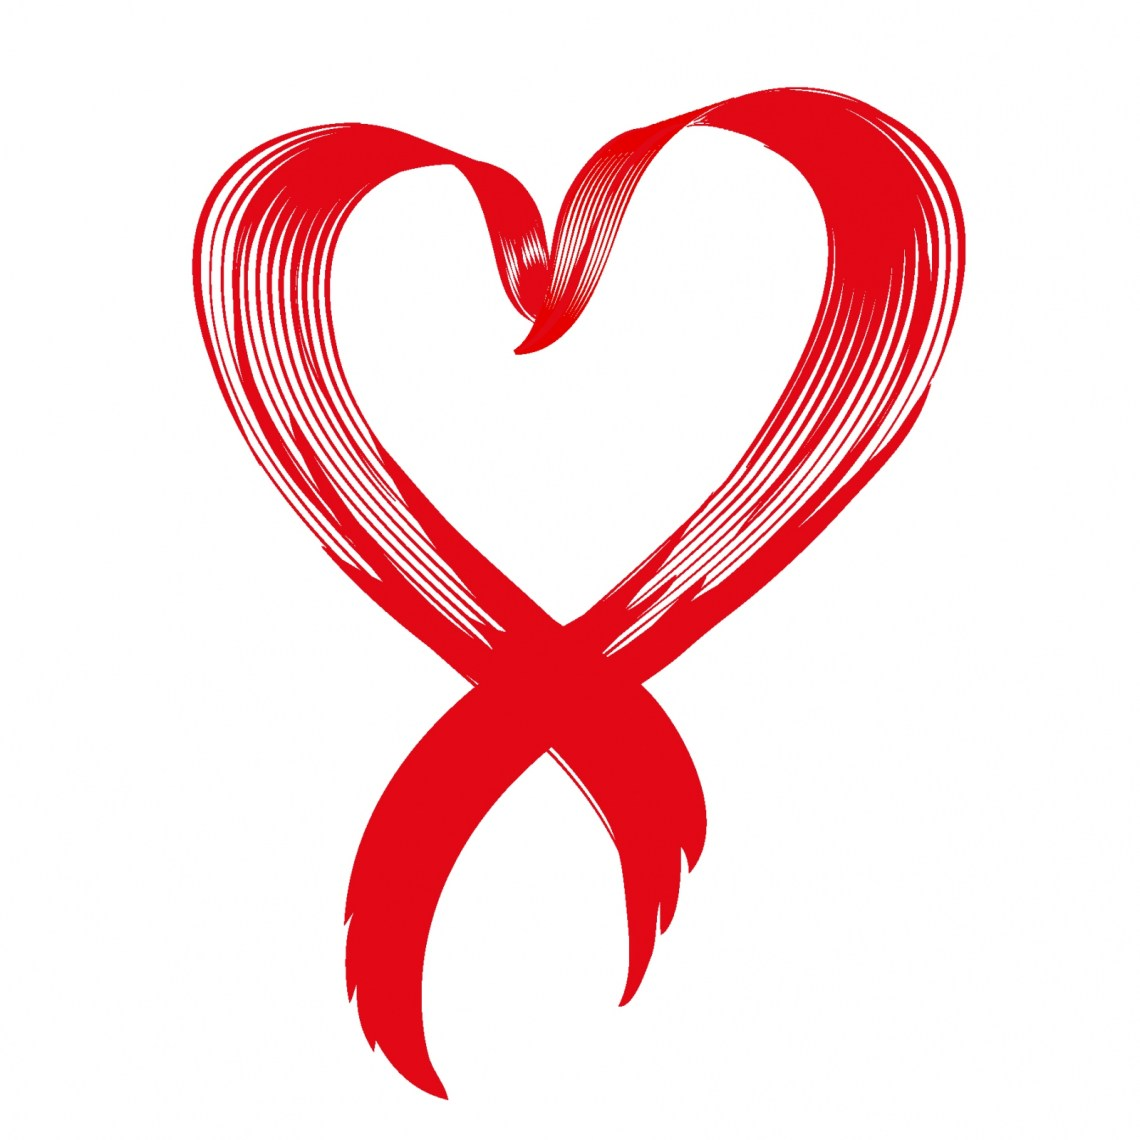 Download Heart Love Vector - ClipArt Best